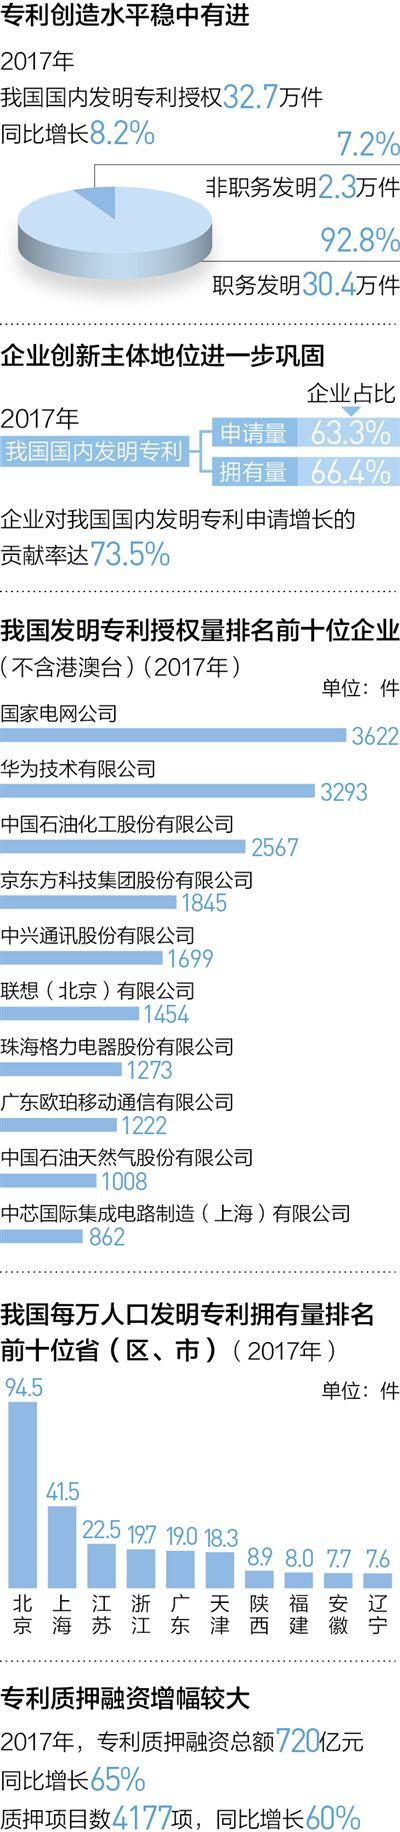 中国专利加注更多含金量